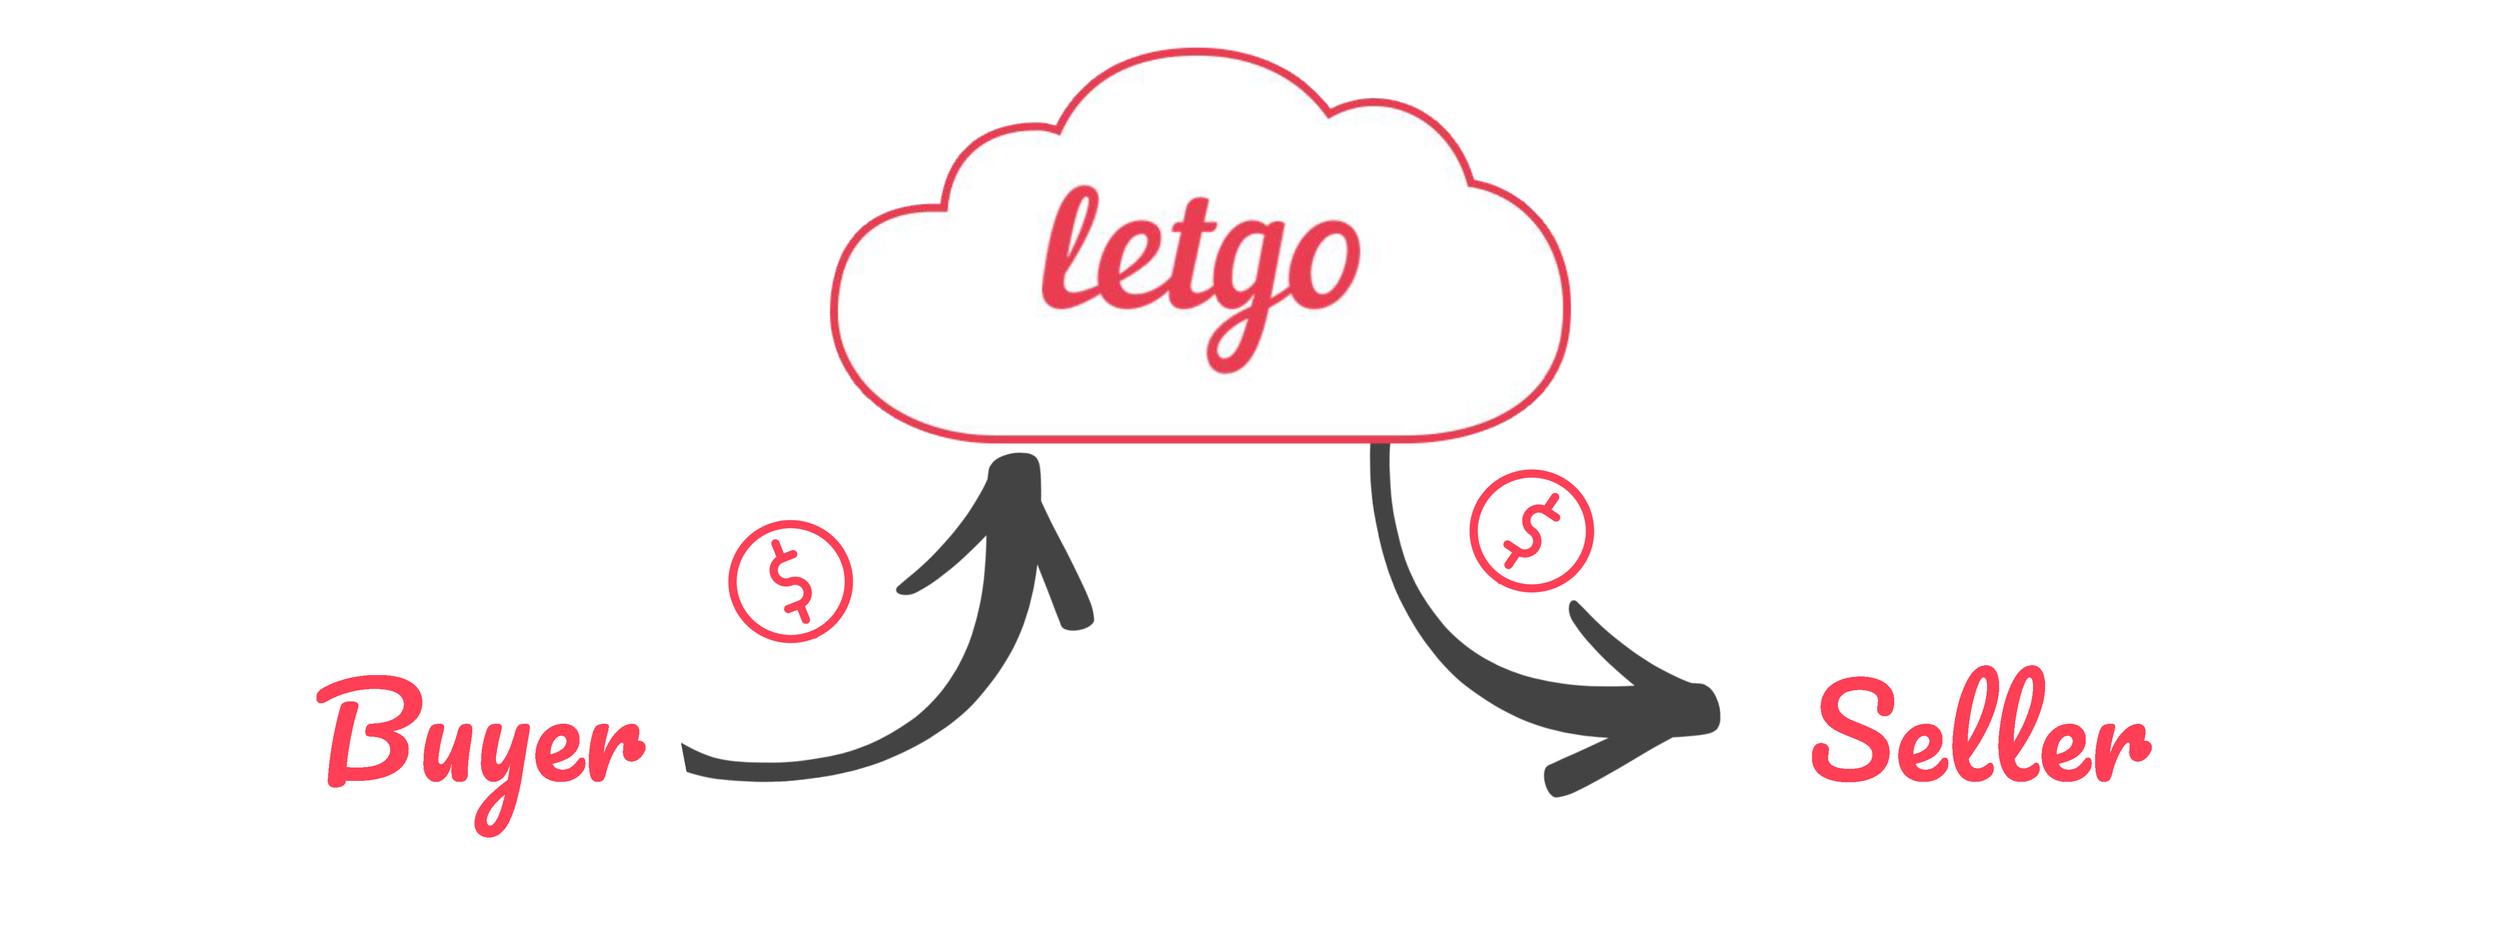 Graphic_Letgo.png